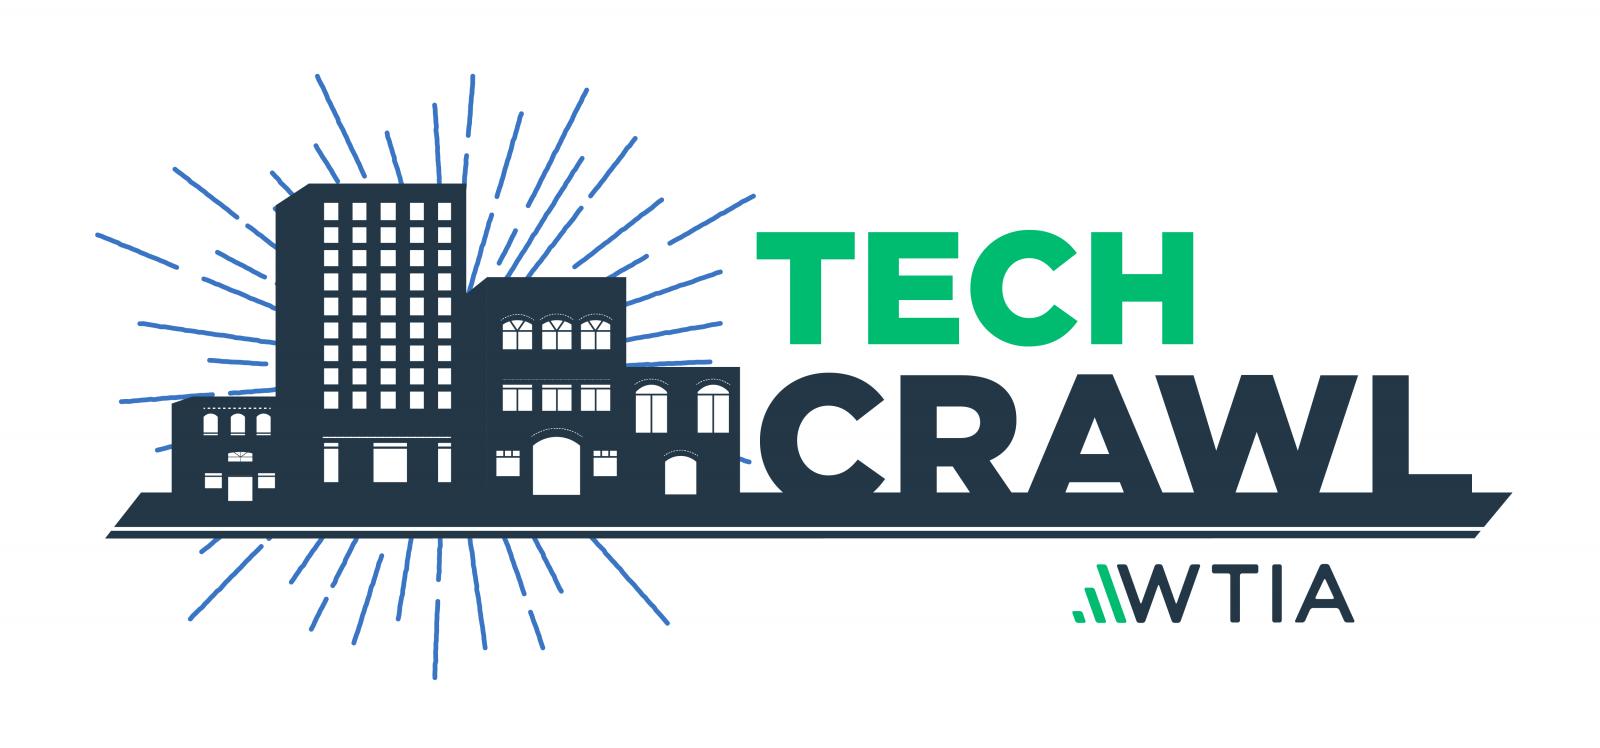 Tech Crawl Logo